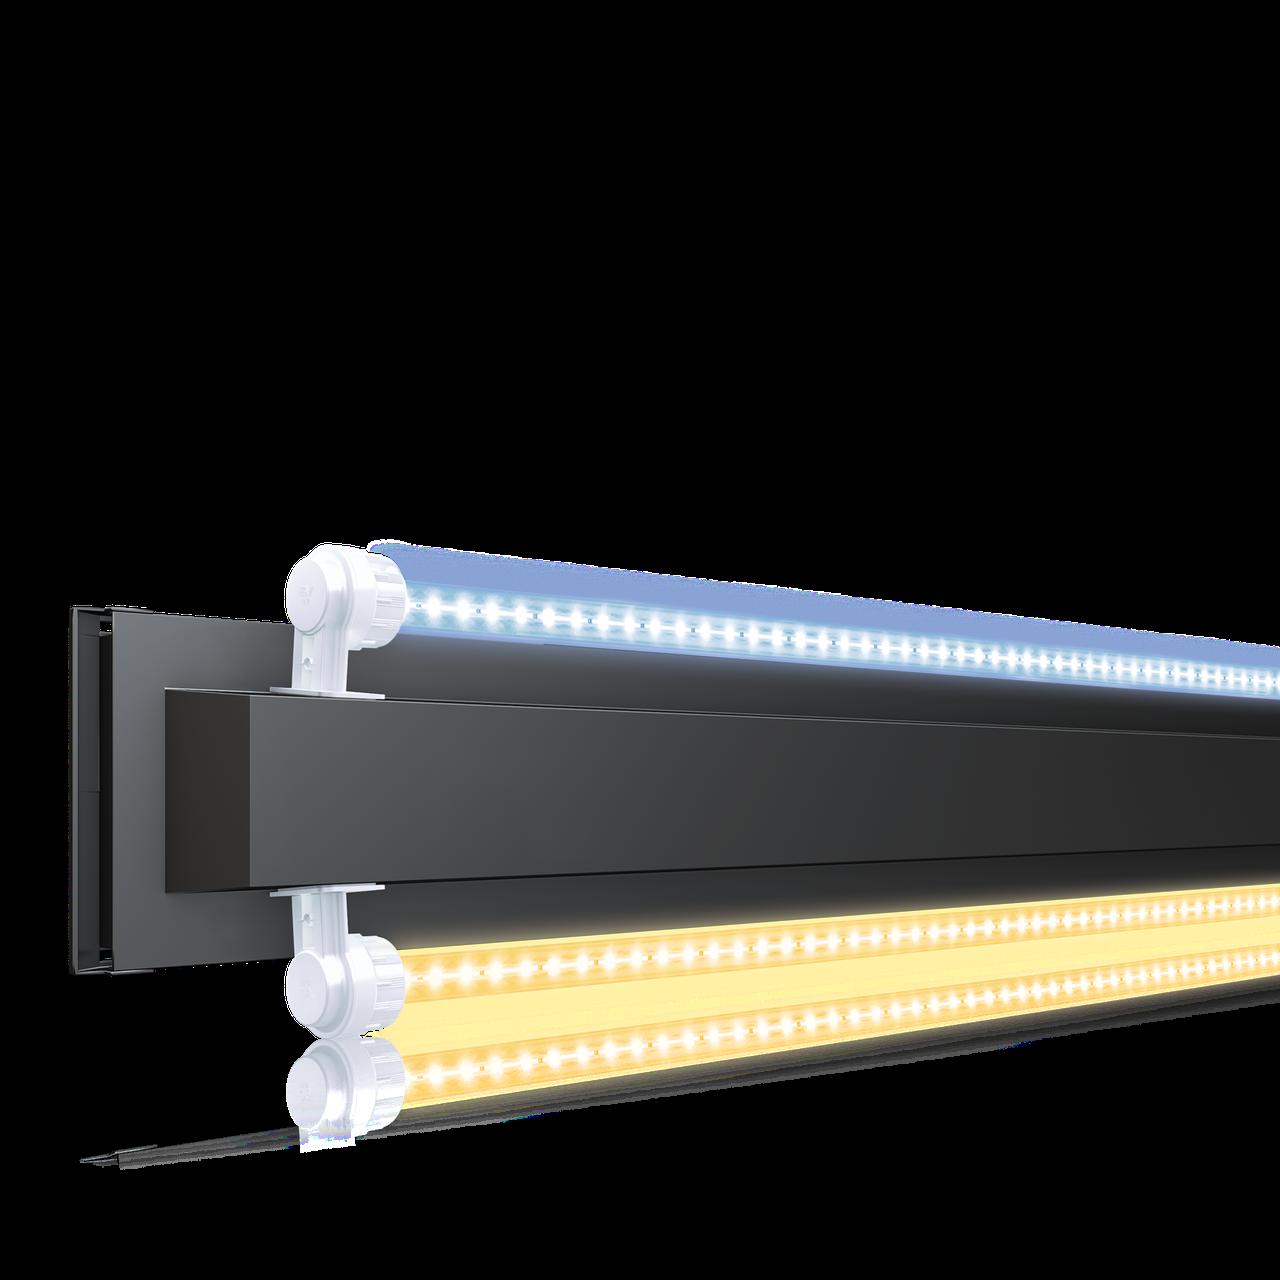 Освітлювальна балка Juwel 60 см MultiLux LED Light Unit 2x12w